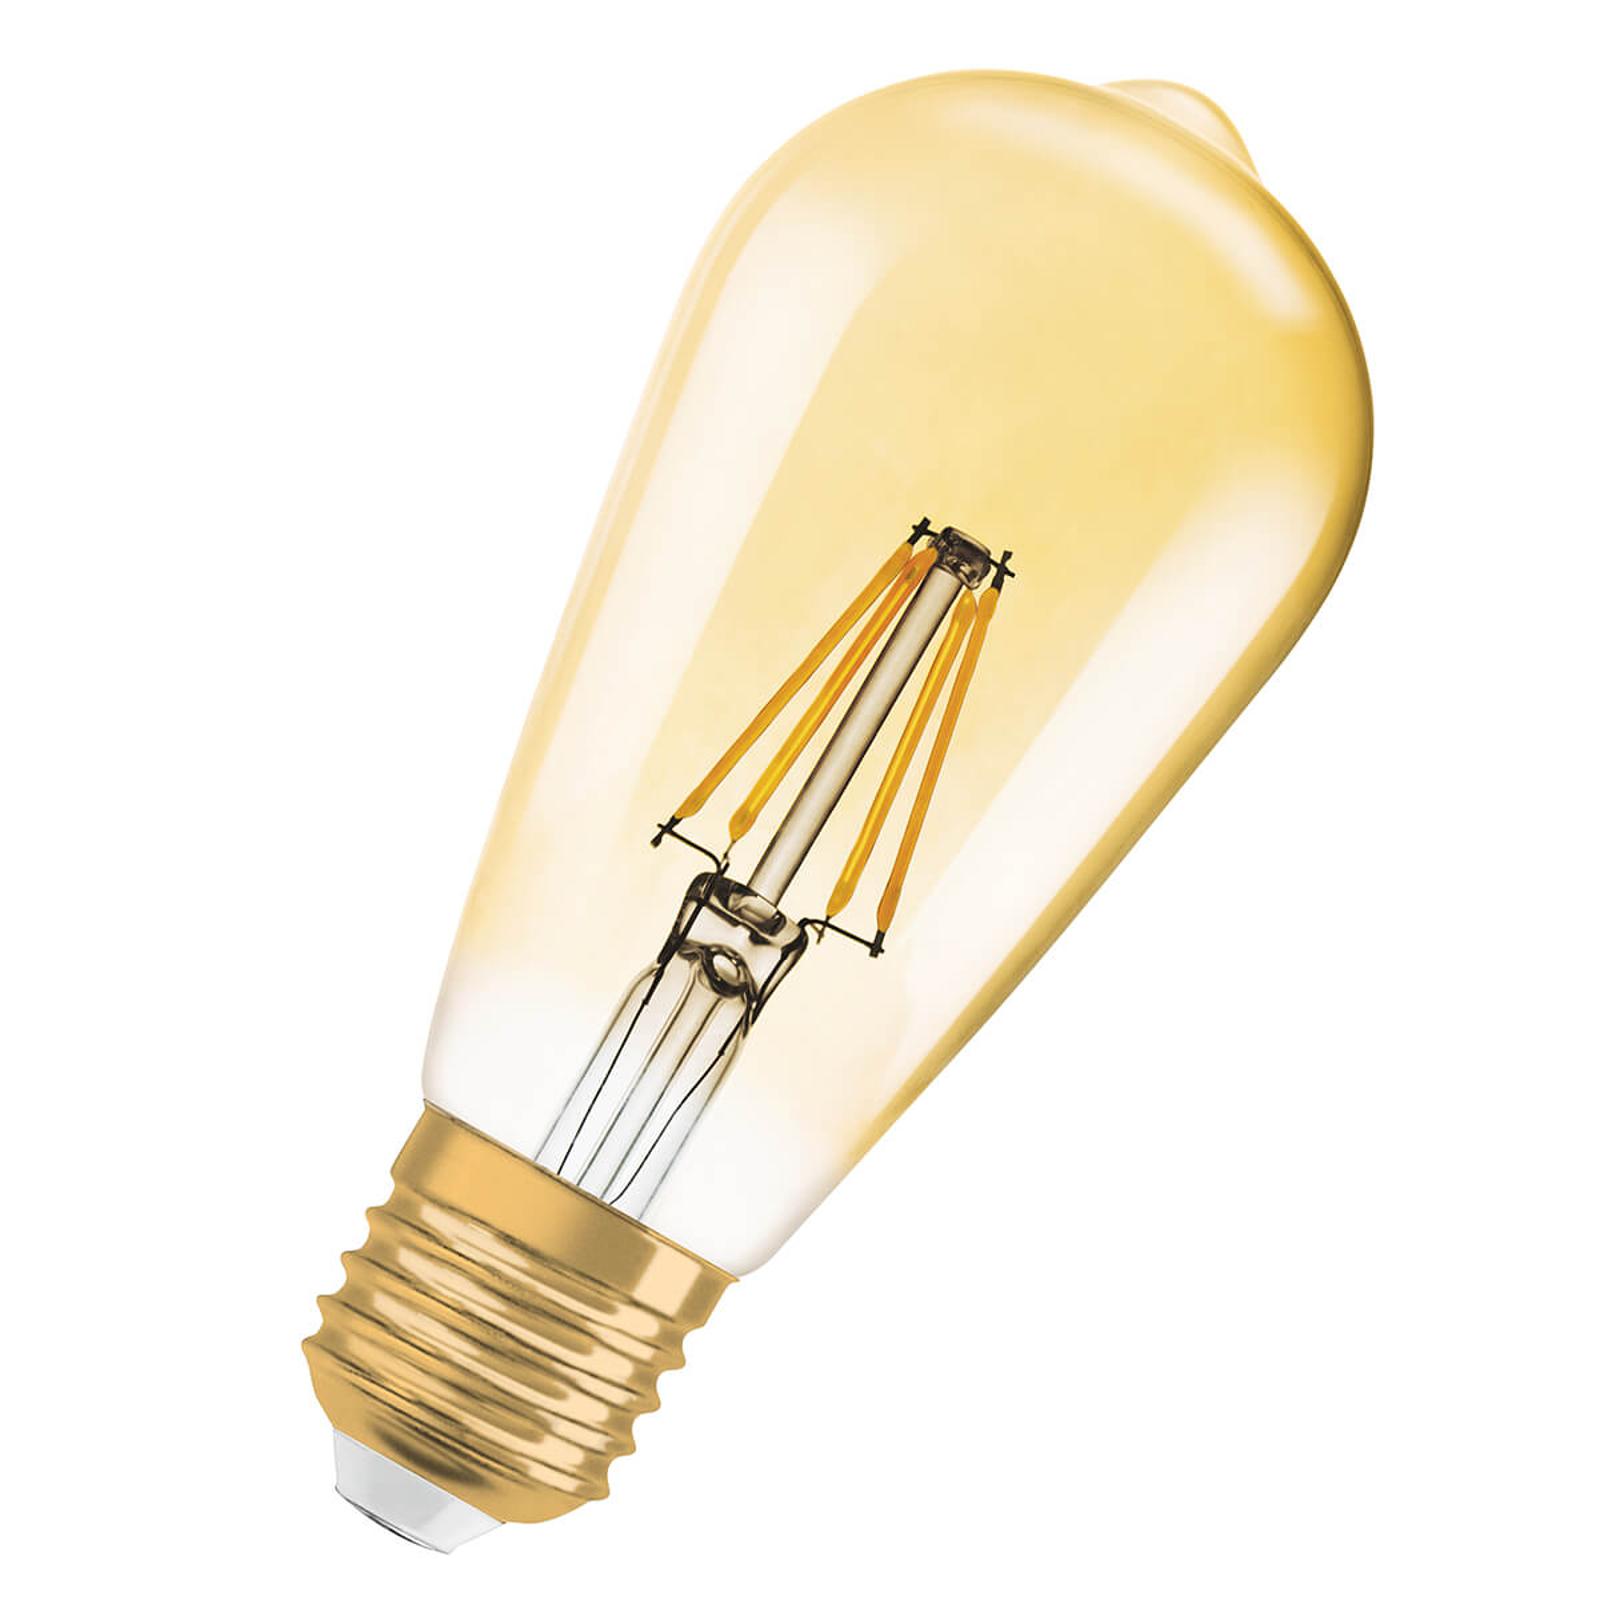 LED-pære Gold E27 2,5 W, varmhvit, 225 lumen